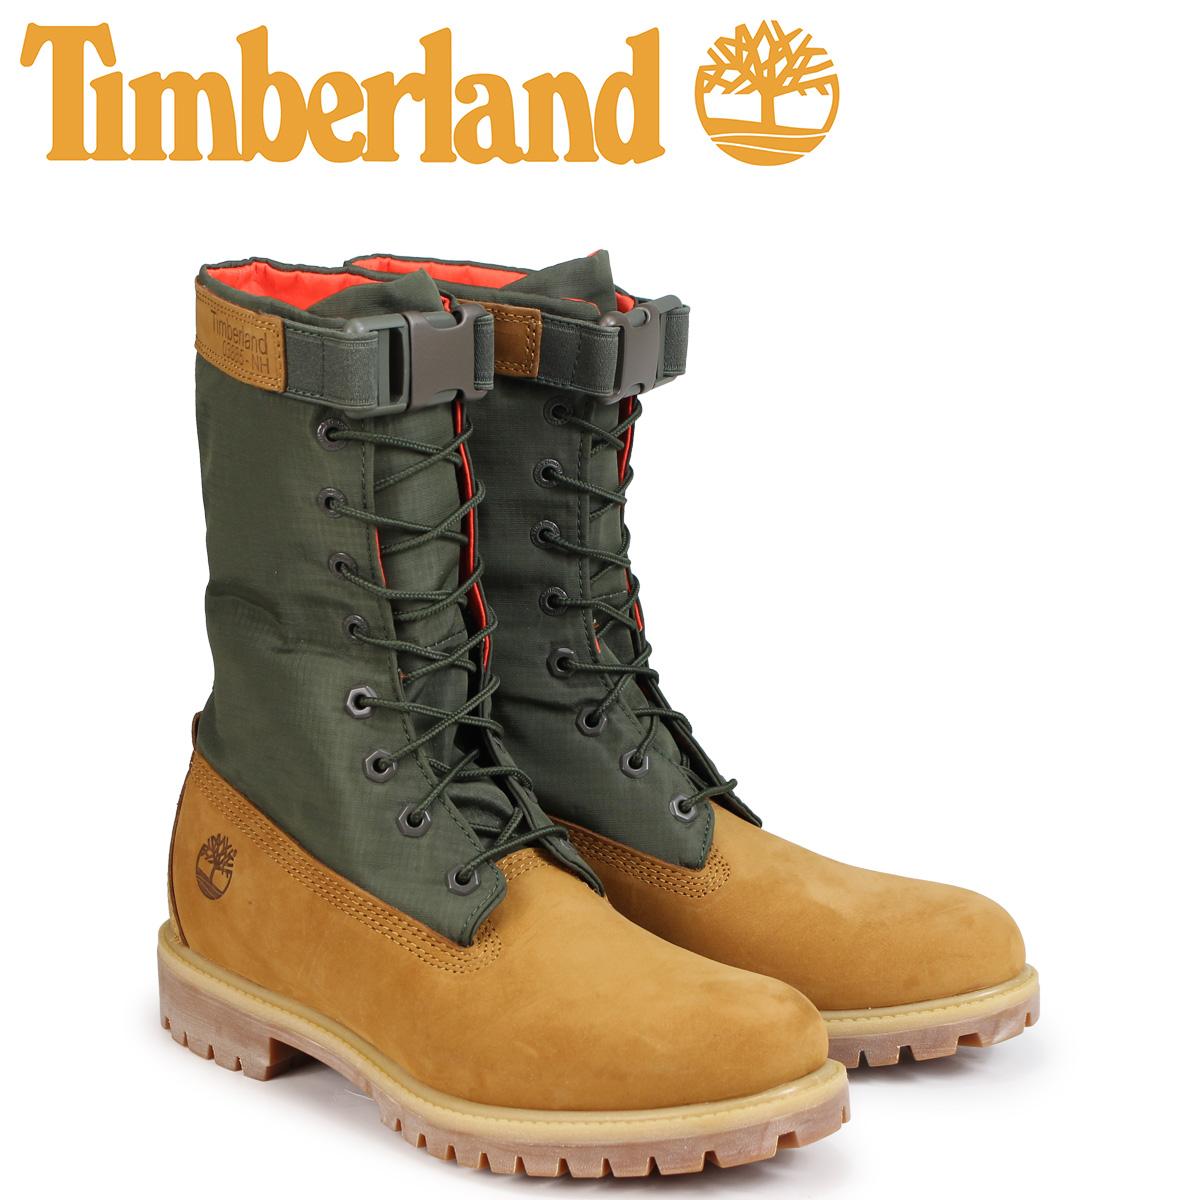 100%の保証 ティンバーランド Timberland A1QY8 BOOTS ブーツ メンズ ダークグリーン 6インチ 6-INCH PREMIUM GAITER BOOTS A1QY8 Wワイズ ダークグリーン, スニーカー 坊主:3c7eaea8 --- test.ips.pl